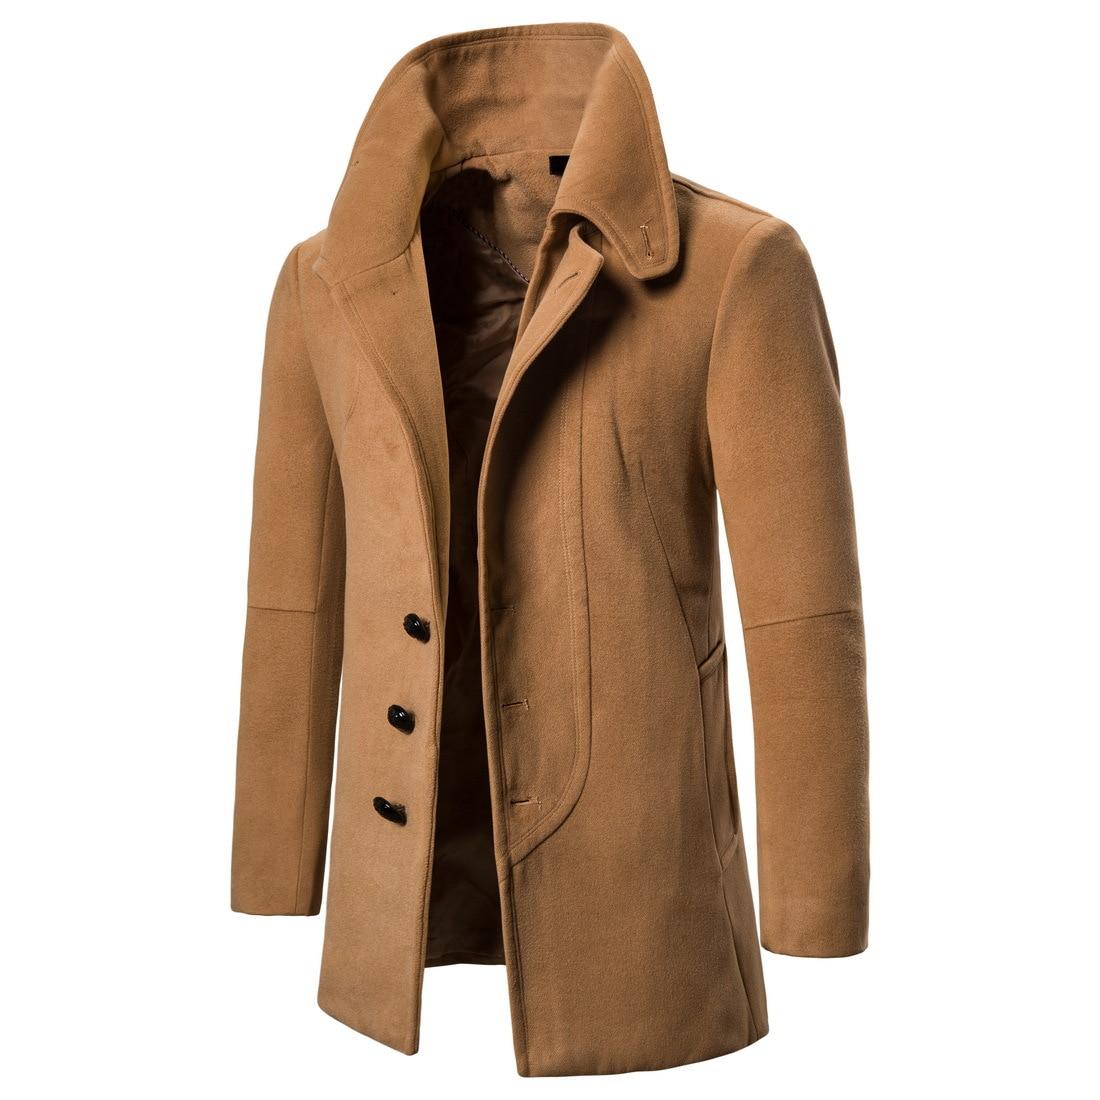 YF25 nueva ropa de invierno a la moda chaqueta de abrigo de lana con solapa de Camel para hombre